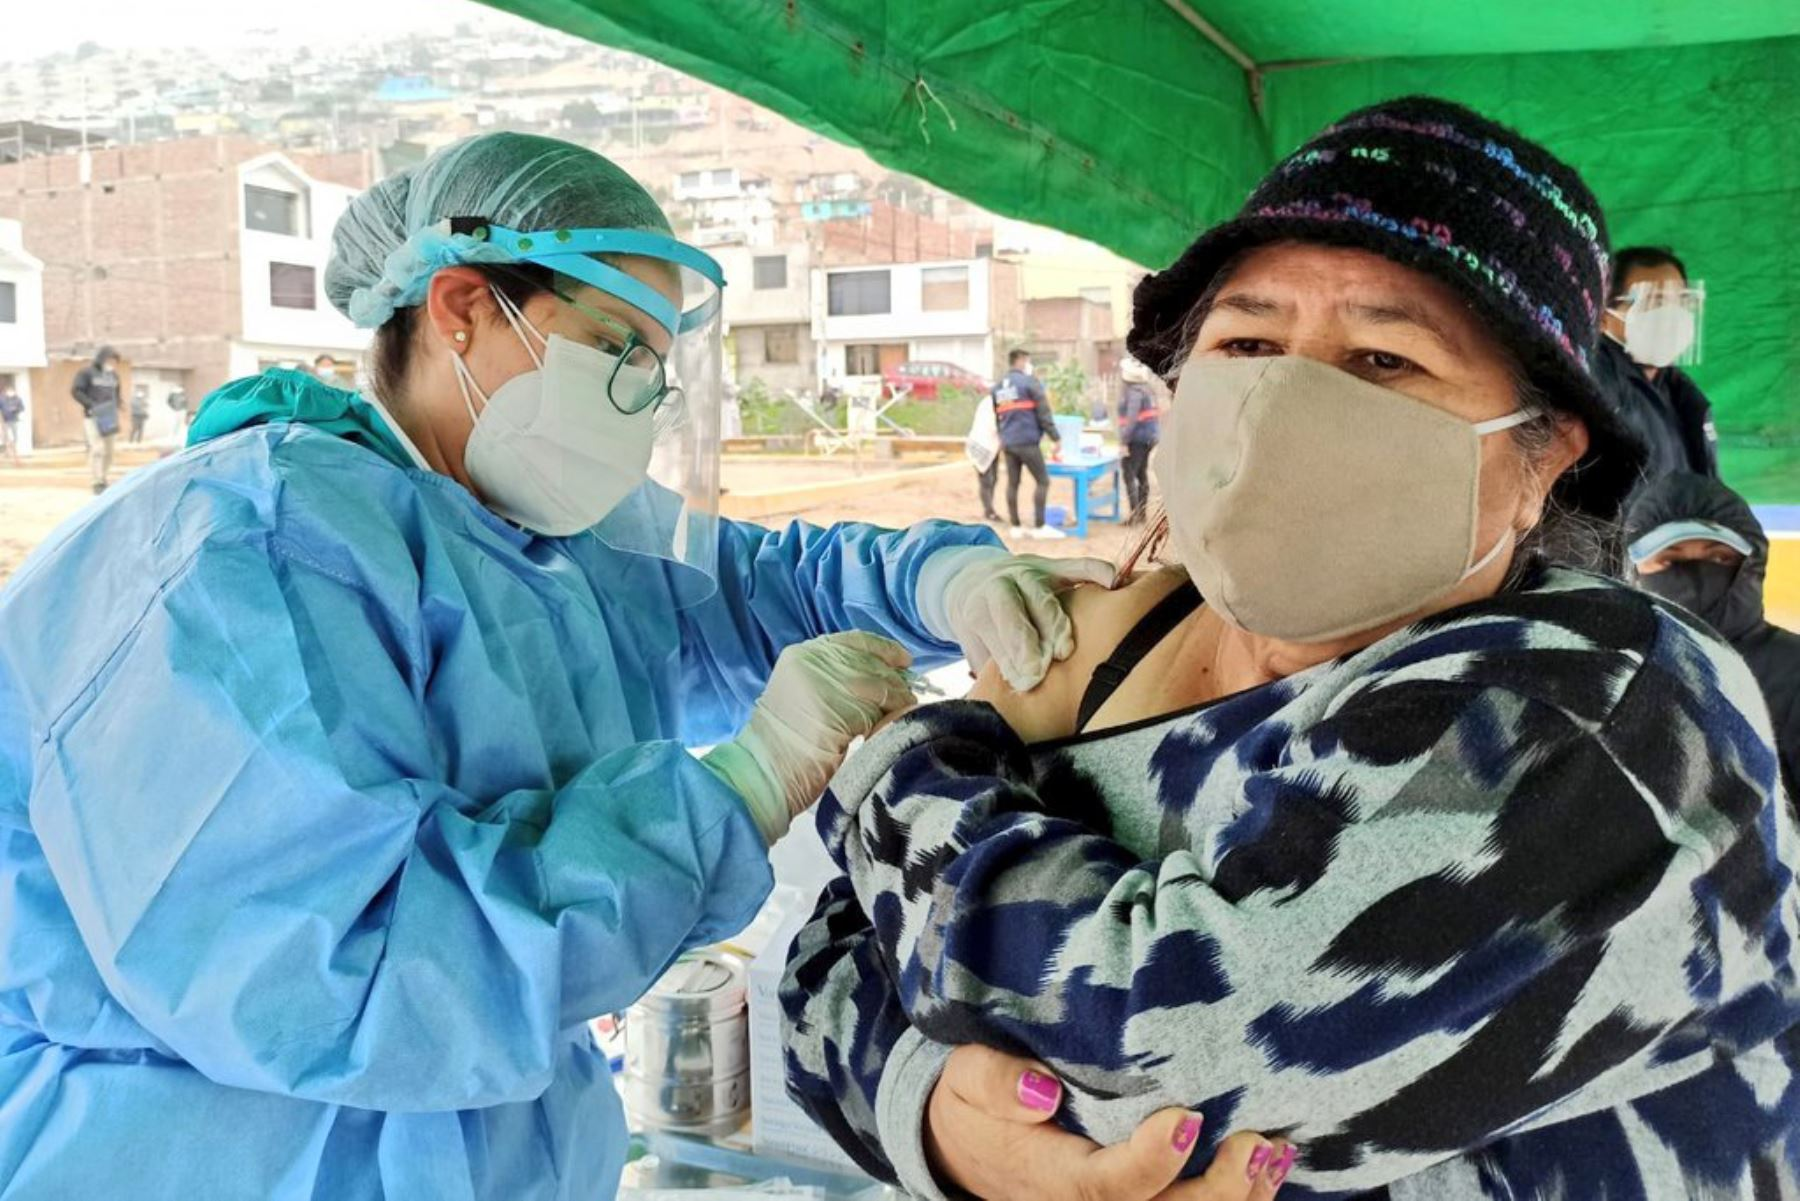 Teniendo en cuenta las constantes mutaciones del virus, será necesario establecer la vacunación anual, como viene siendo dispuesto en el caso de la gripe y la influenza. Foto: Minsa